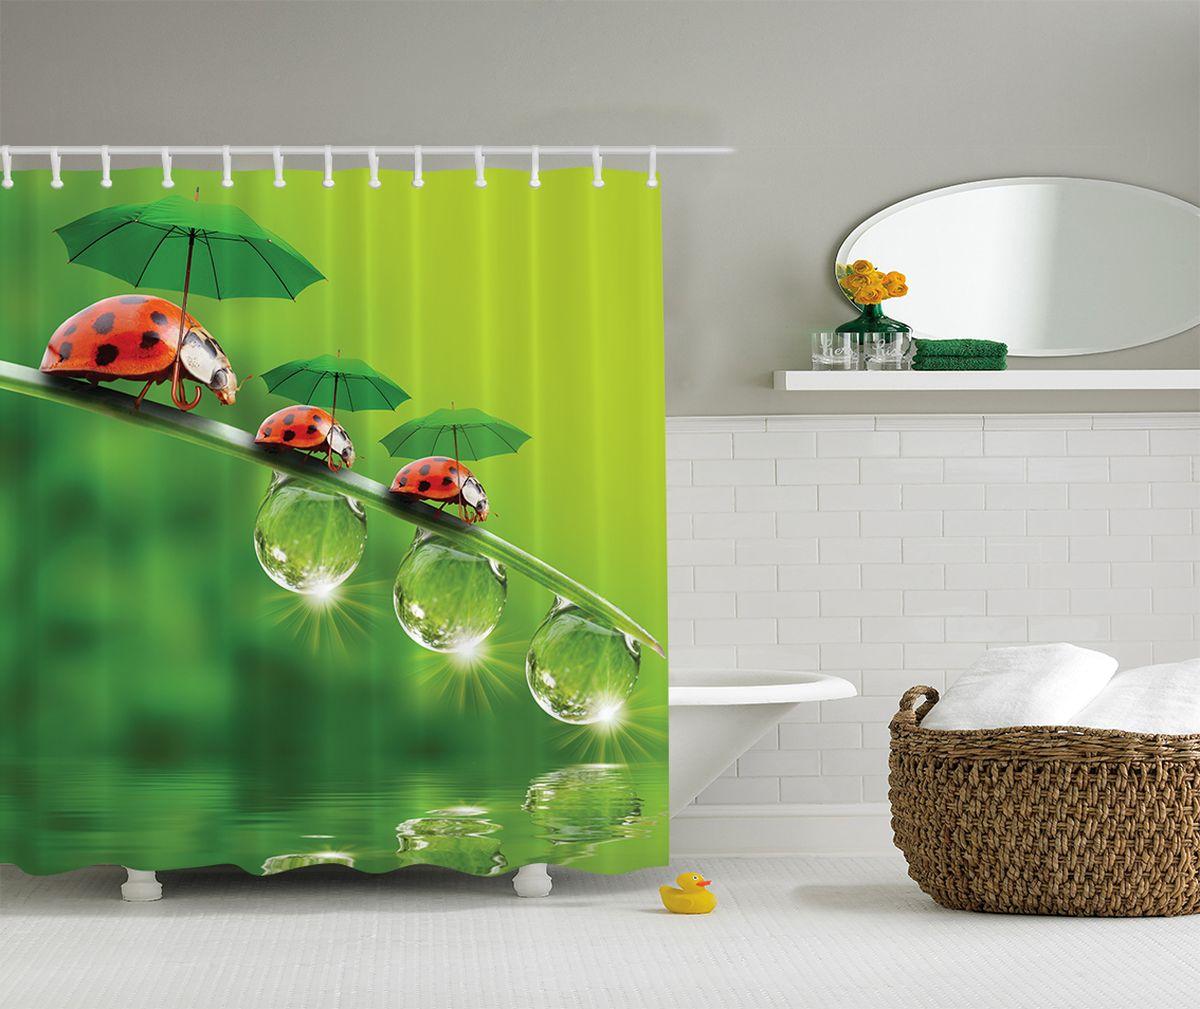 Штора для ванной комнаты Magic Lady Семья и зонты, 180 х 200 см68/5/2Компания Сэмболь изготавливает шторы из высококачественного сатена (полиэстер 100%). При изготовлении используются специальные гипоаллергенные чернила для прямой печати по ткани, безопасные для человека и животных. Экологичность продукции Magic lady и безопасность для окружающей среды подтверждены сертификатом Oeko-Tex Standard 100. Крепление: крючки (12 шт.). Внимание! При нанесении сублимационной печати на ткань технологическим методом при температуре 240 С, возможно отклонение полученных размеров, указанных на этикетке и сайте, от стандартных на + - 3-5 см. Мы стараемся максимально точно передать цвета изделия на наших фотографиях, однако искажения неизбежны и фактический цвет изделия может отличаться от воспринимаемого по фото. Обратите внимание! Шторы изготовлены из полиэстра сатенового переплетения, а не из сатина (хлопок). Размер шторы 180*200 см. В комплекте 1 штора и 12 крючков.